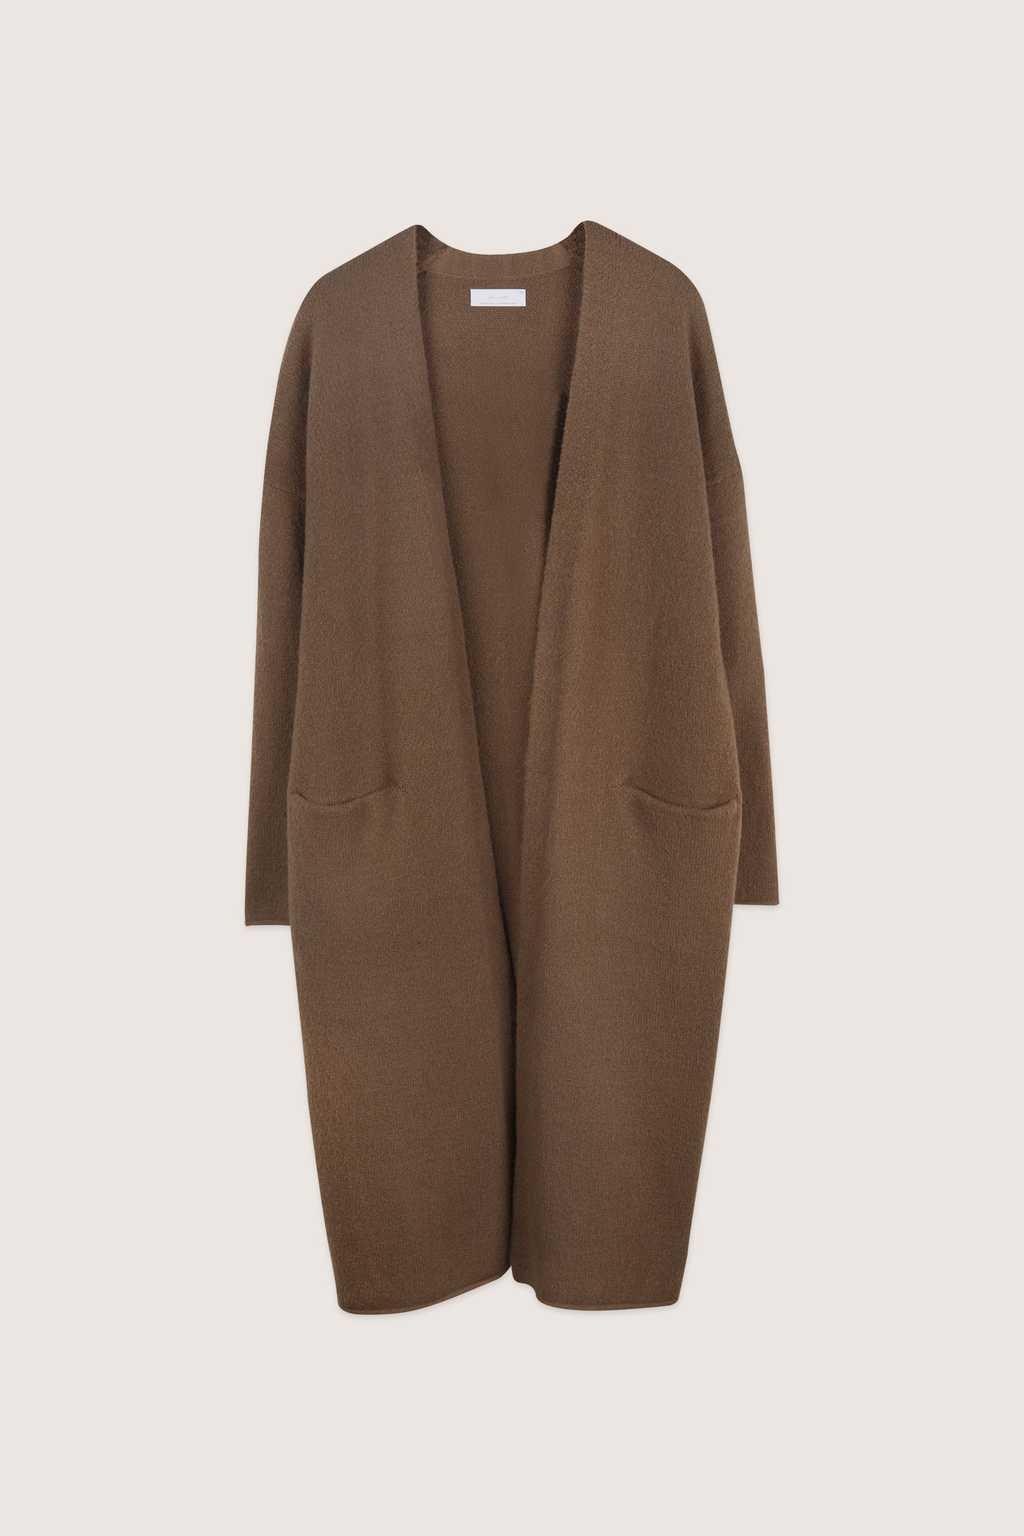 Cardigan 1550 Brown 9